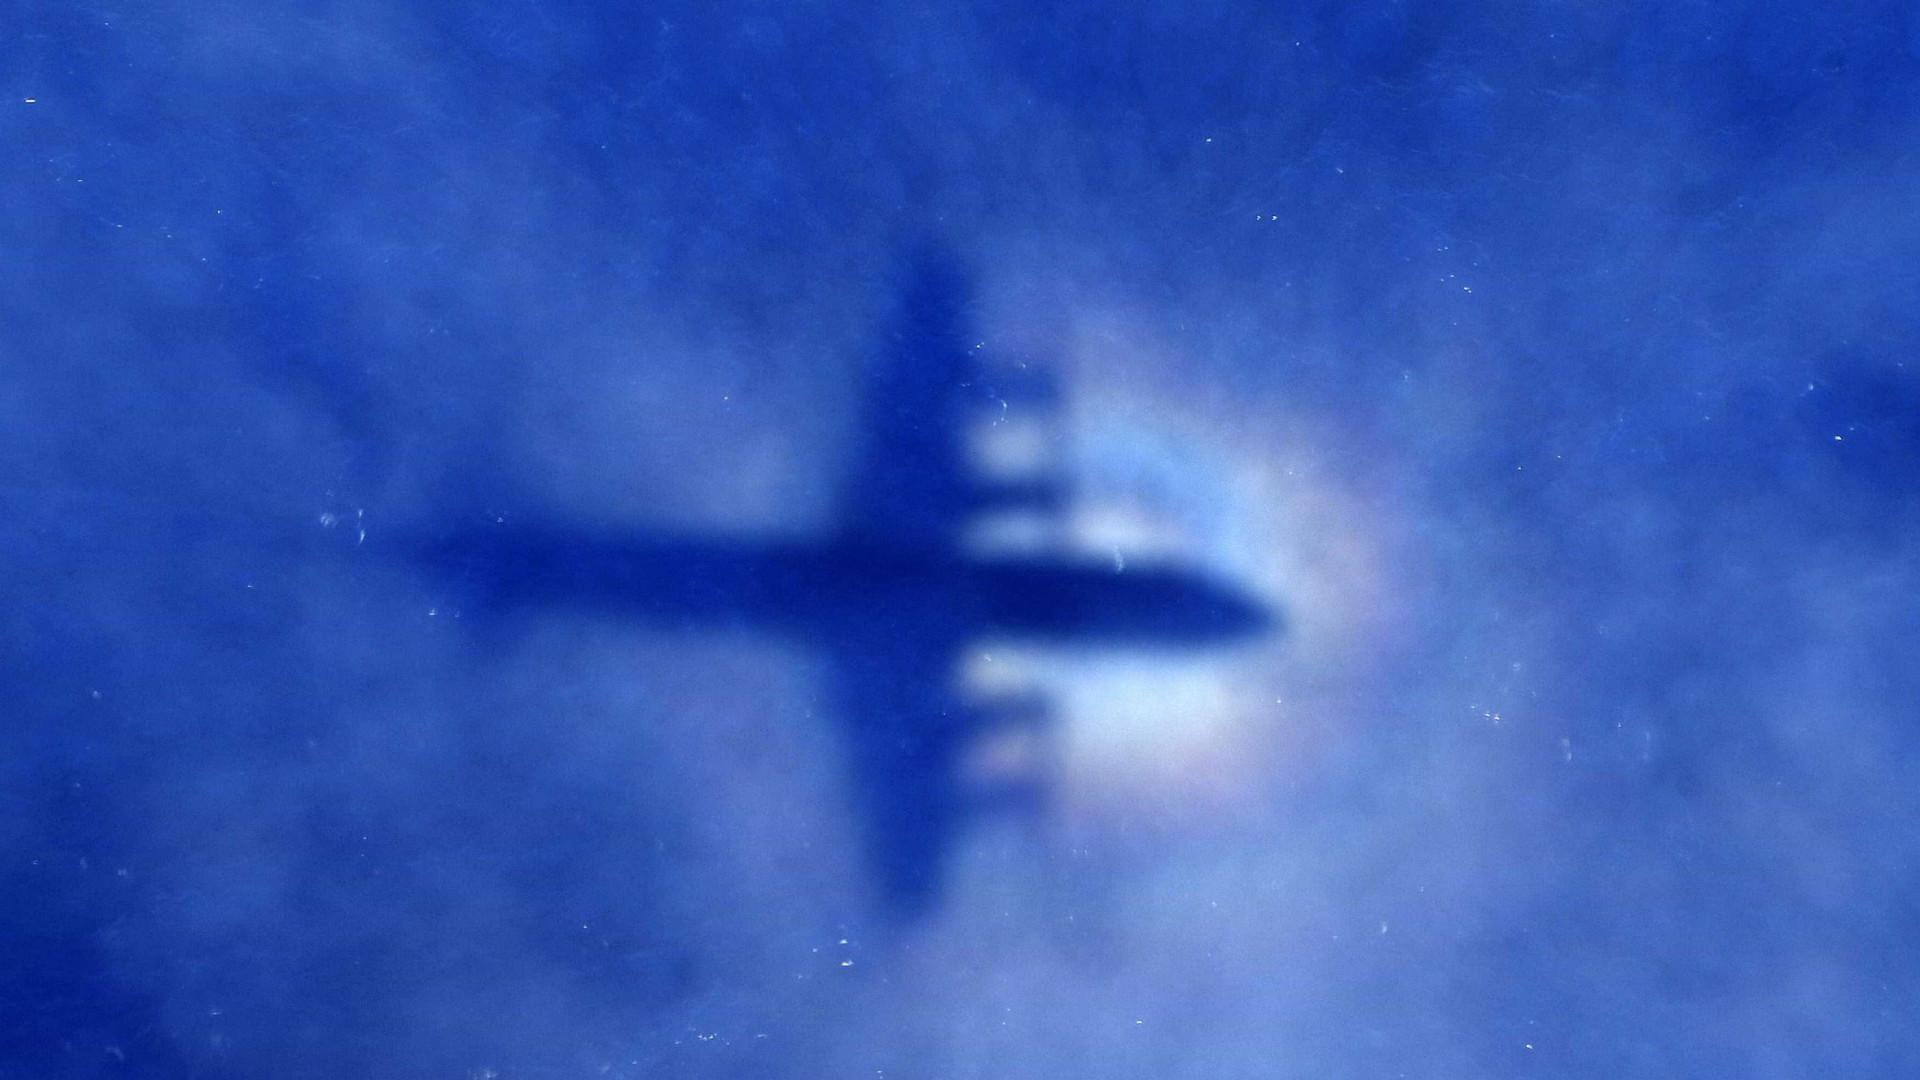 Encontrados destroços de avião desaparecido com 10 pessoas a bordo